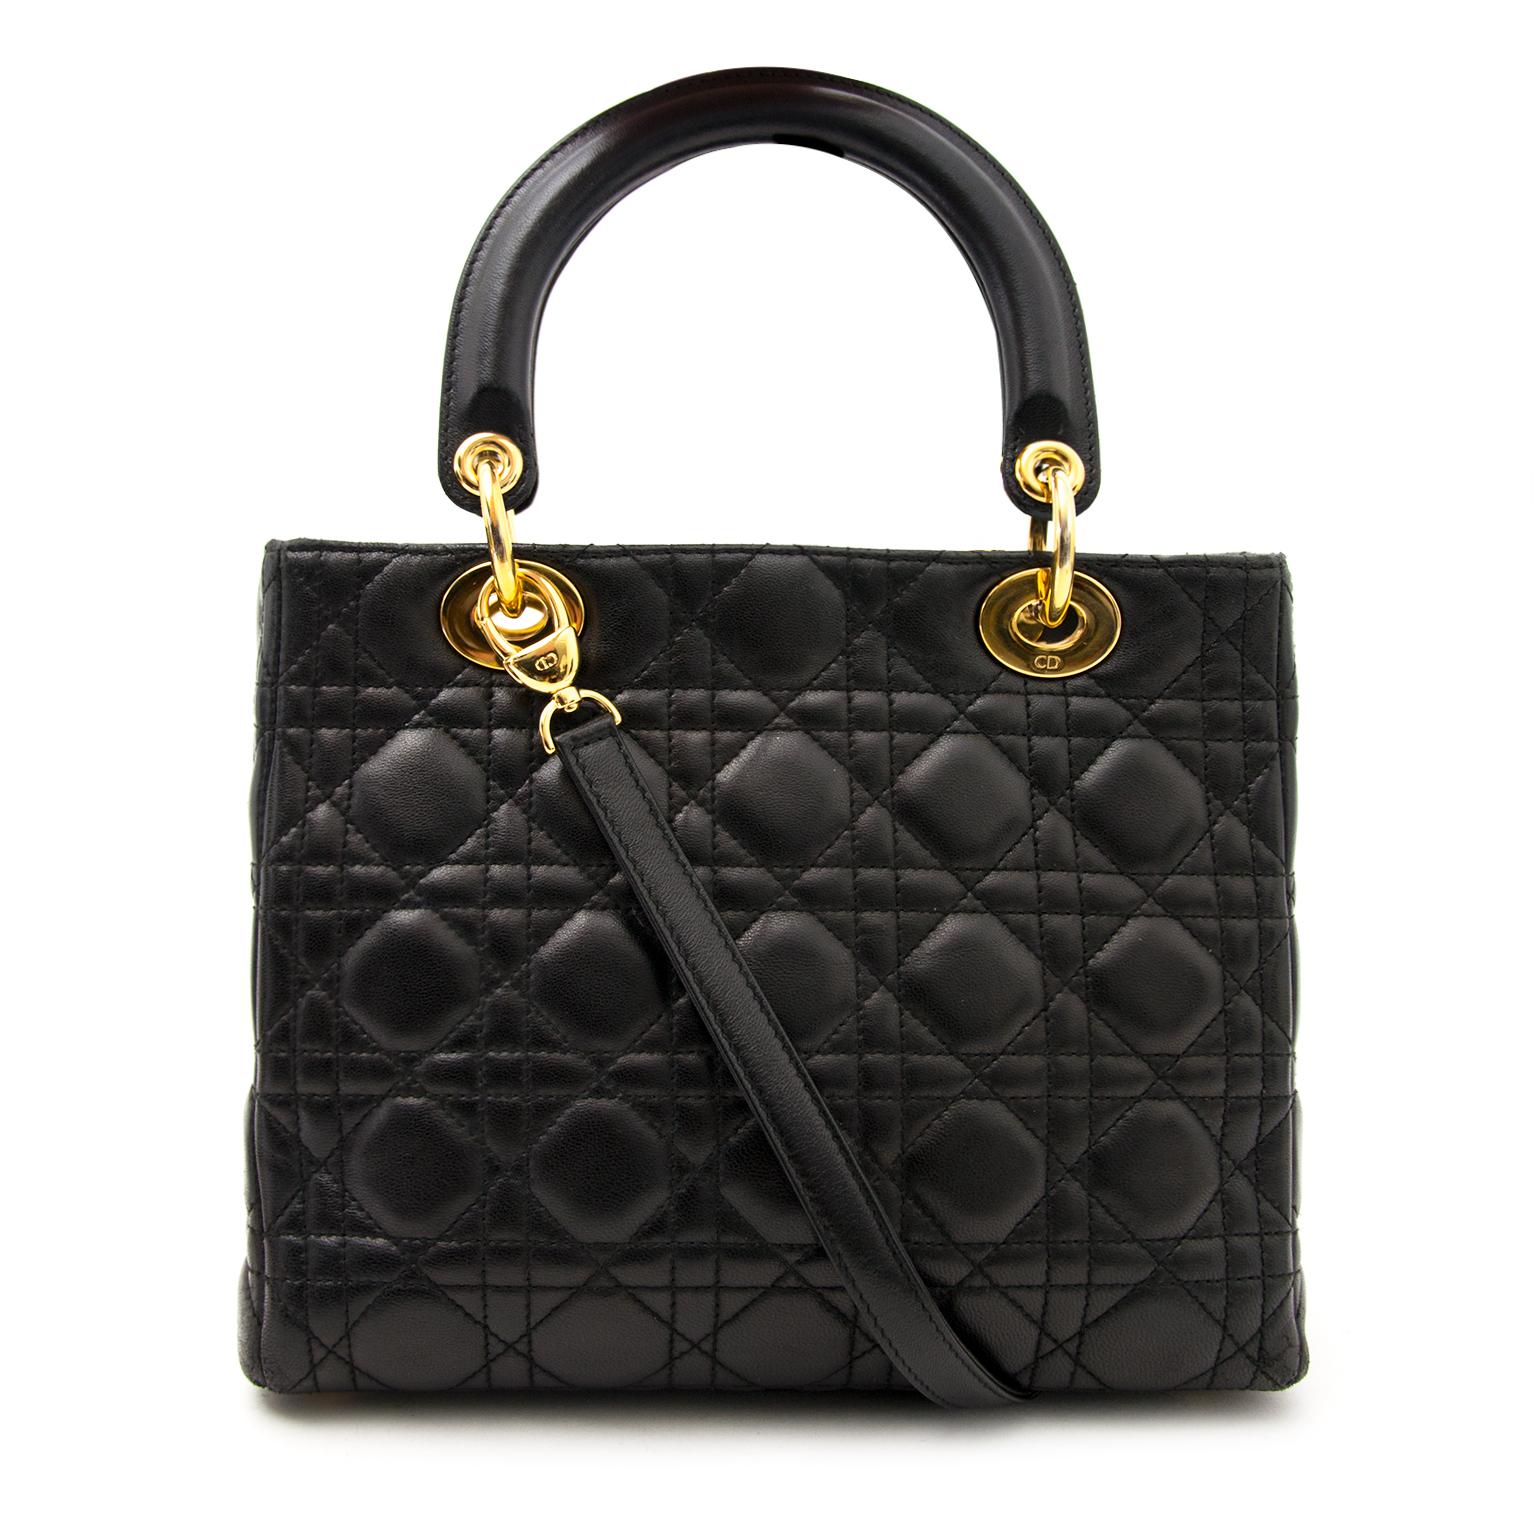 koop veilig online aan de beste prijs Christian Dior Lady Dior lambskin